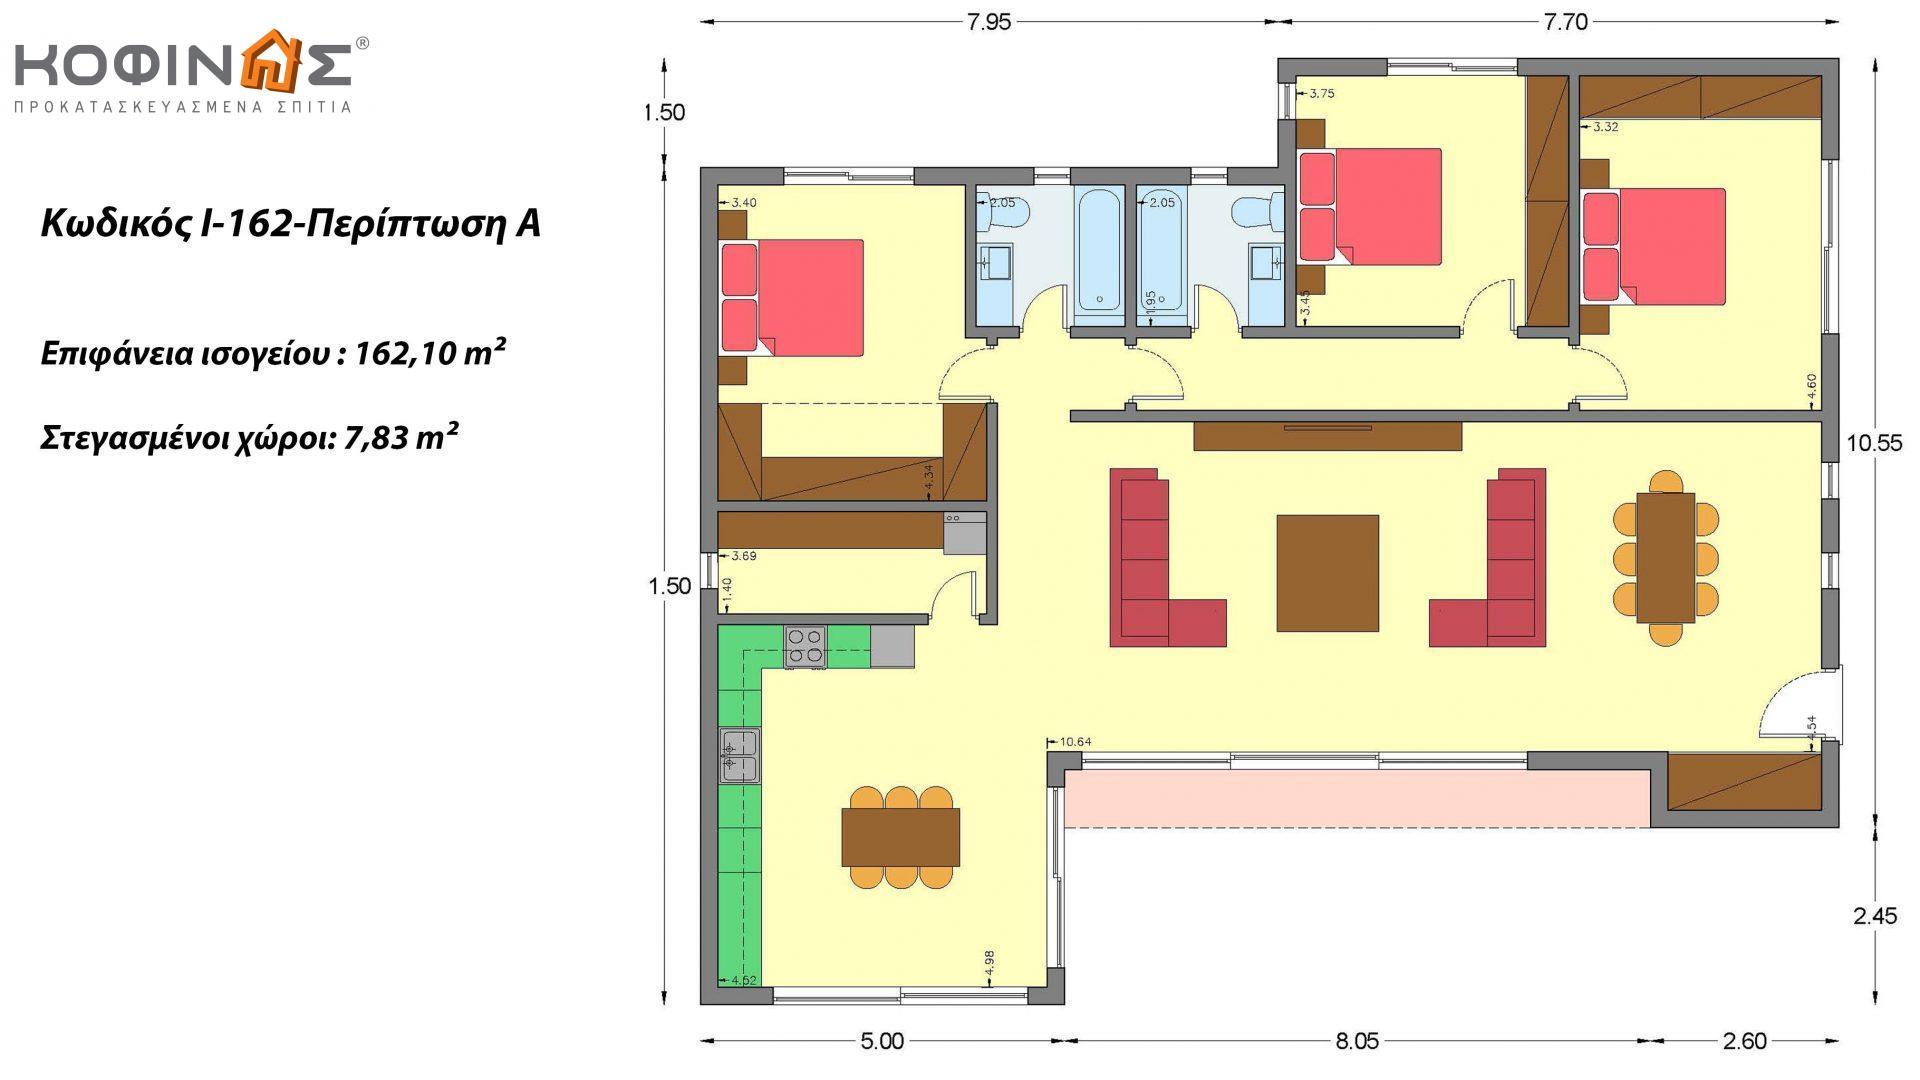 Ισόγεια Κατοικία I-162, συνολικής επιφάνειας 162,10 τ.μ.,+Γκαράζ 23.25 m²(=185,35 m²)(Περίπτωση Γ), συνολική επιφάνεια στεγασμένων χώρων 7,83 τ.μ.